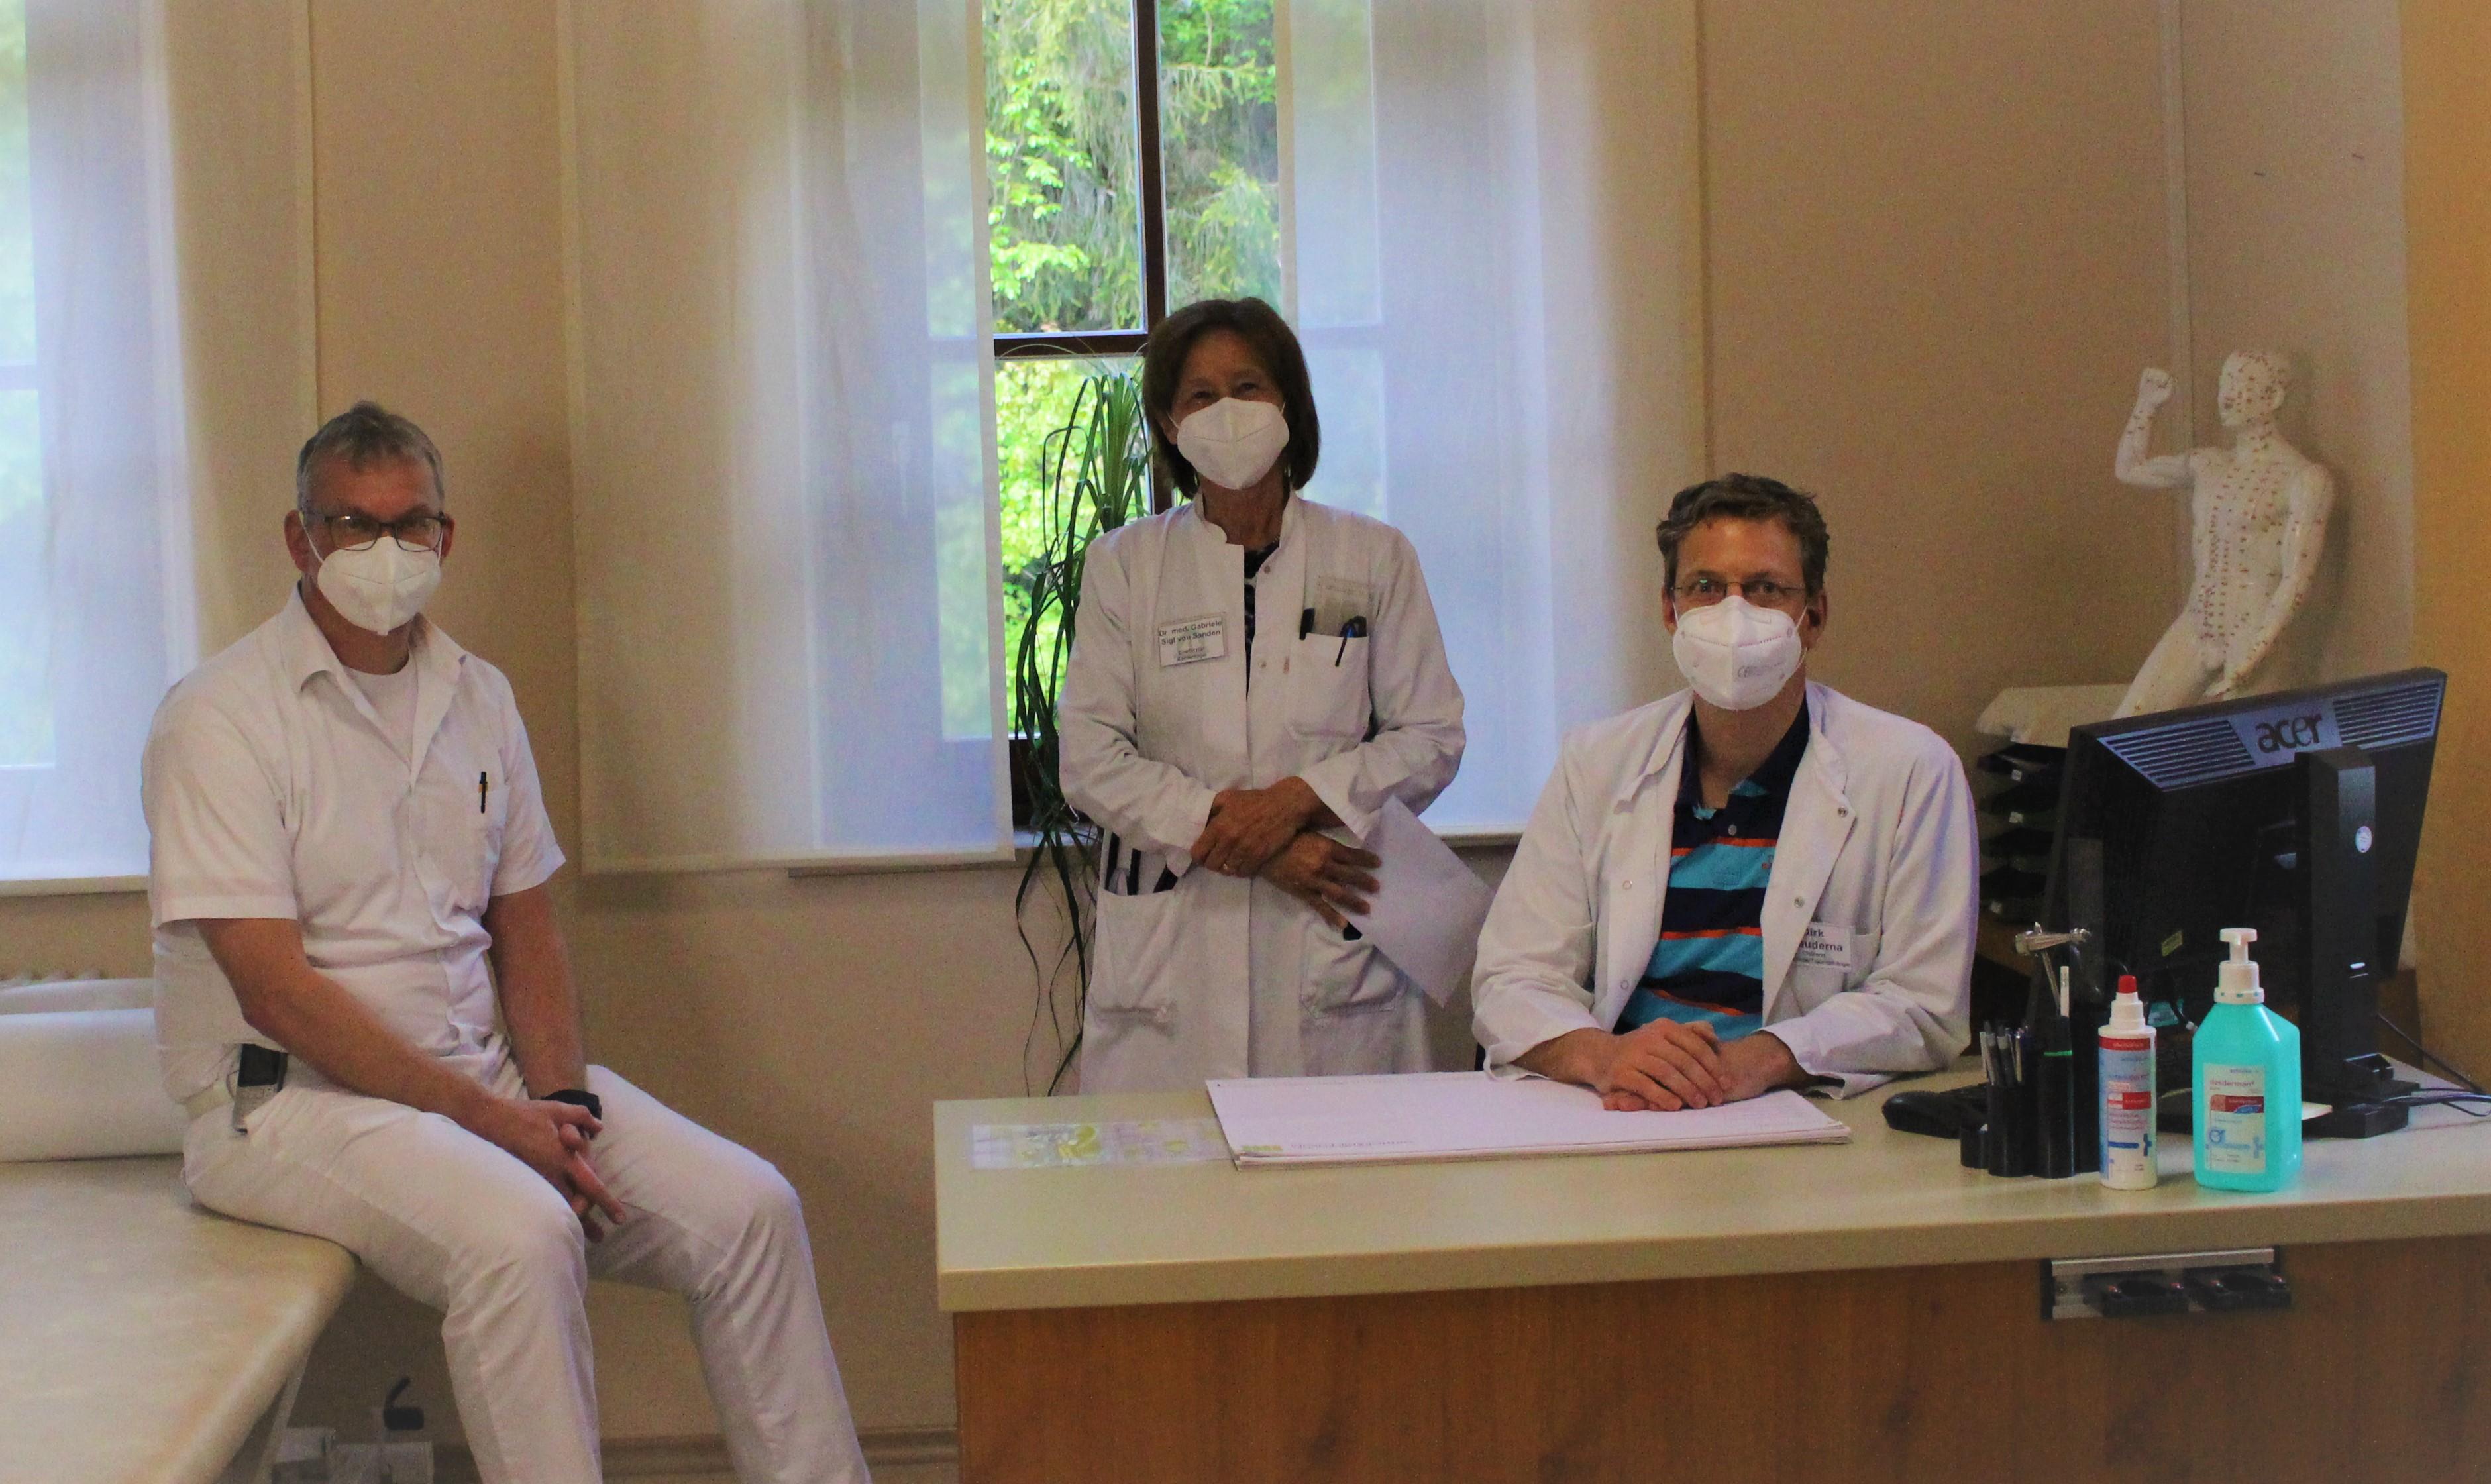 Corona-Impfungen sind für Rehabilitanden in der Asklepios Klinik Schaufling am Hausstein möglich: (v.l) Dr. Helge Matrisch (Ärztlicher Direktor und Chefarzt Neurologie), Dr. Gabriele von Sanden (Chefärztin Kardiologie) und Dirk Czauderna (Chefarzt Orthopädie)